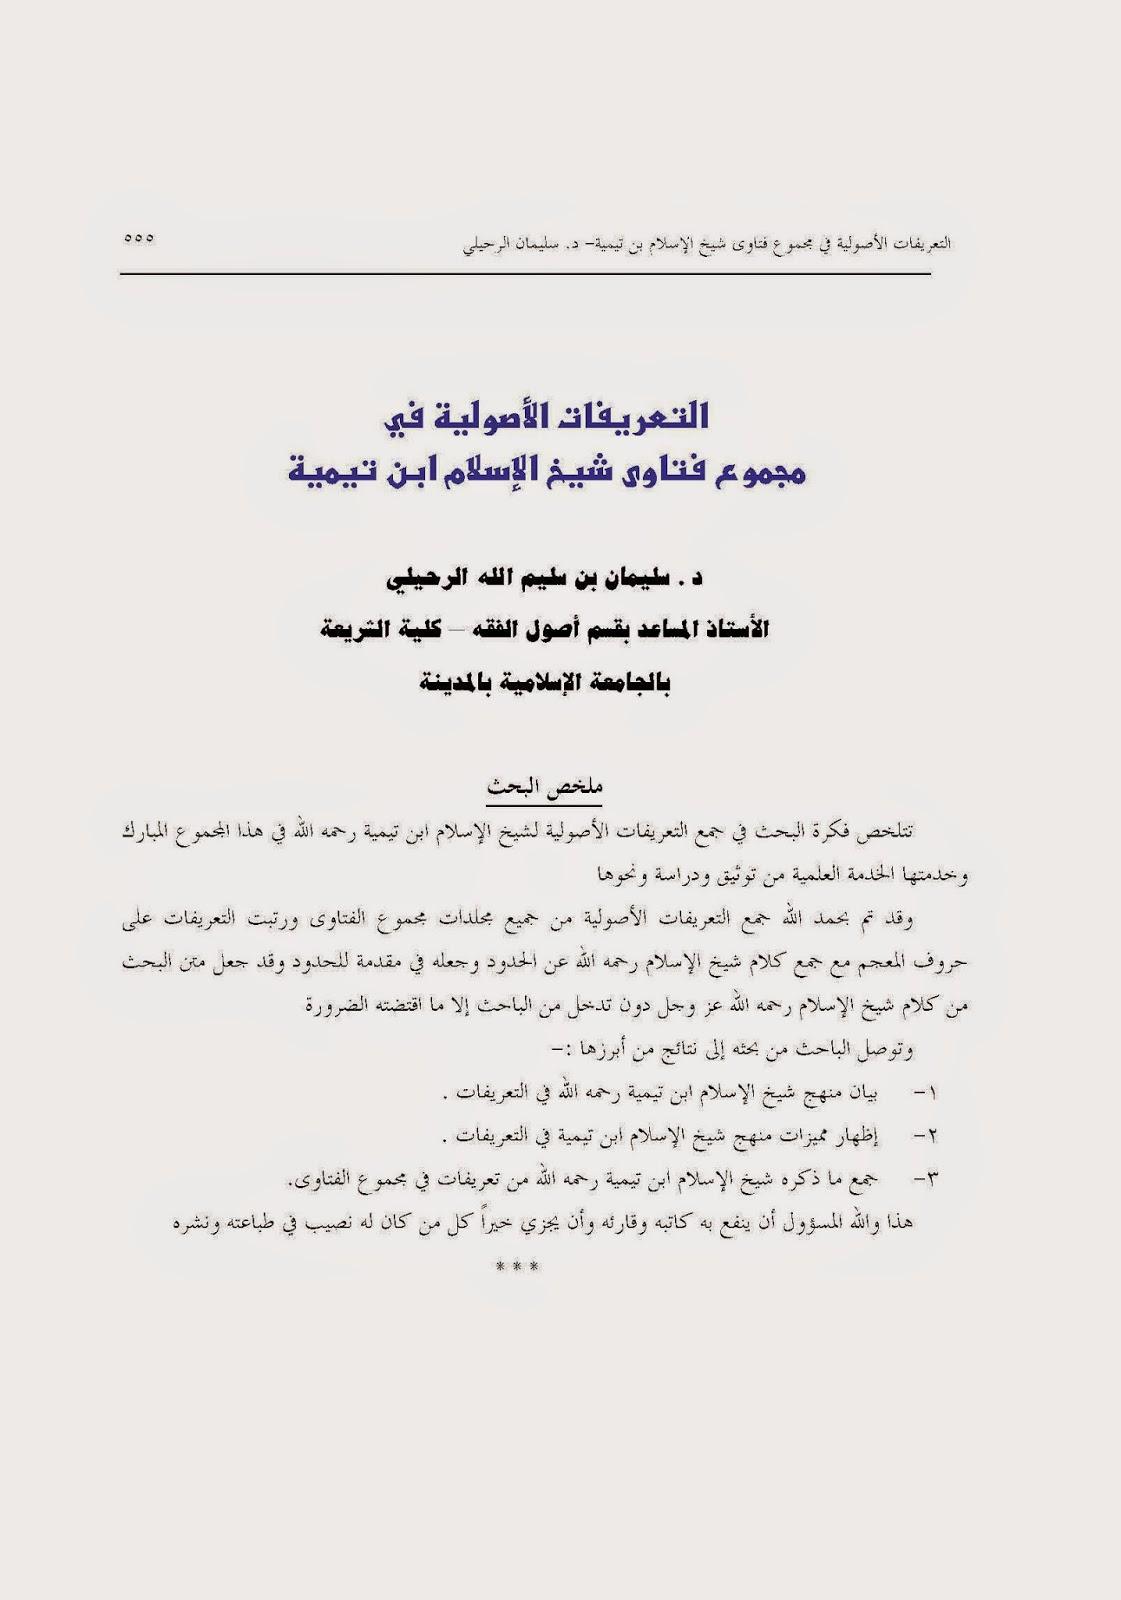 التعريفات الأصولية في مجموع فتاوى شيخ الاسلام ابن تيمية - سليمان الرحيلي